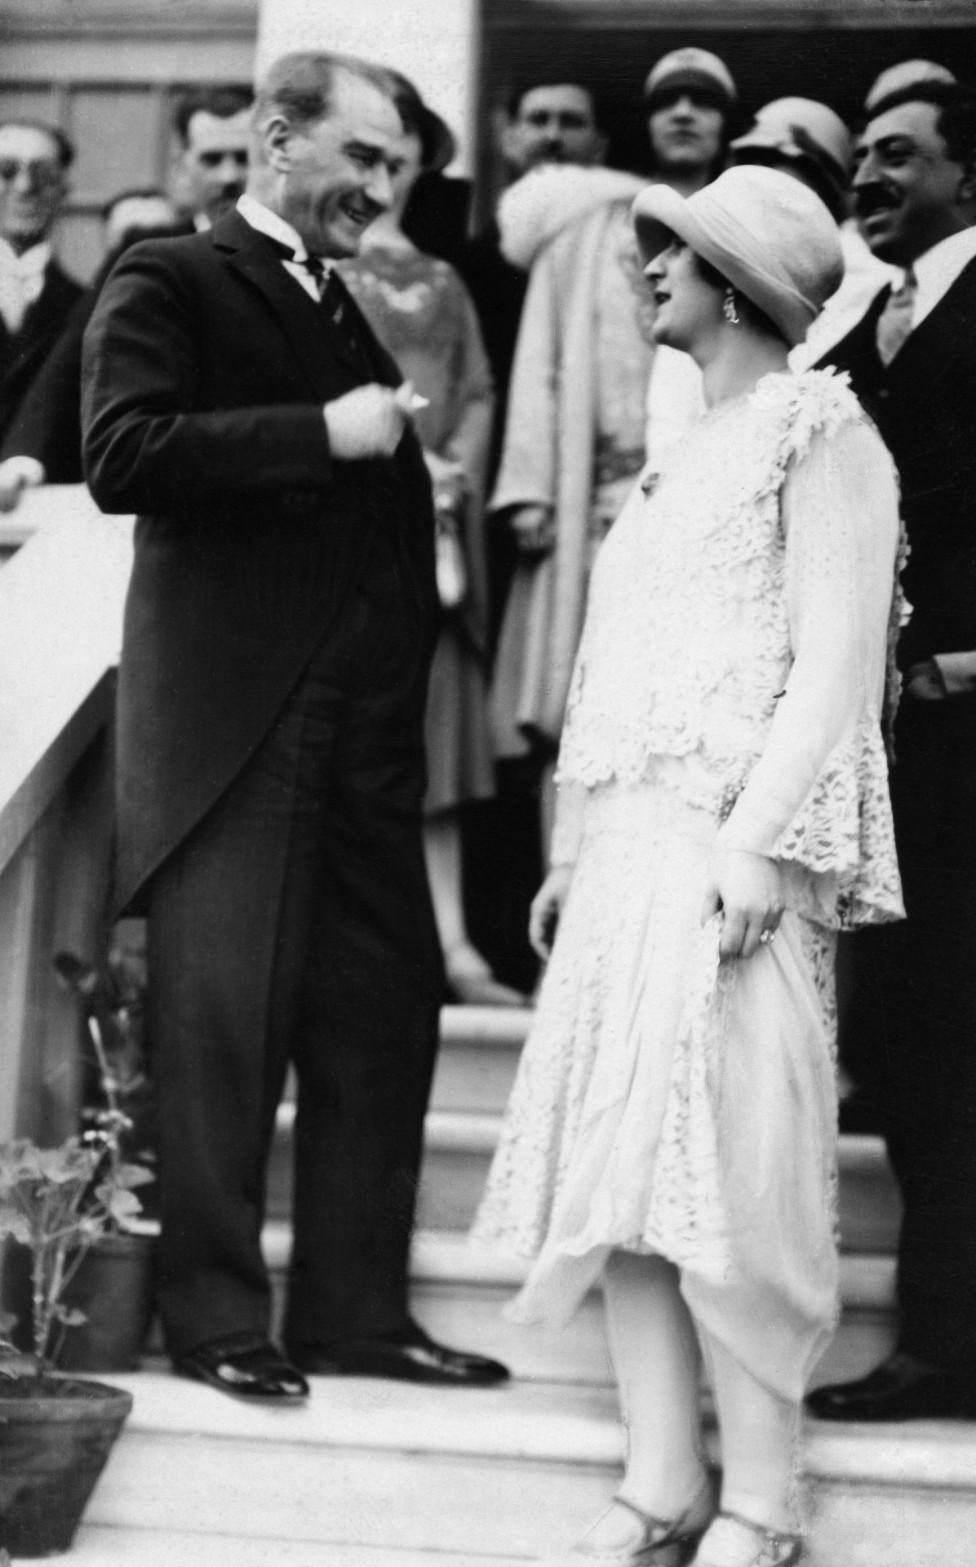 La reina Soraya con el presidente de Turquía, Mustafa Kemal Ataturk, en 1928